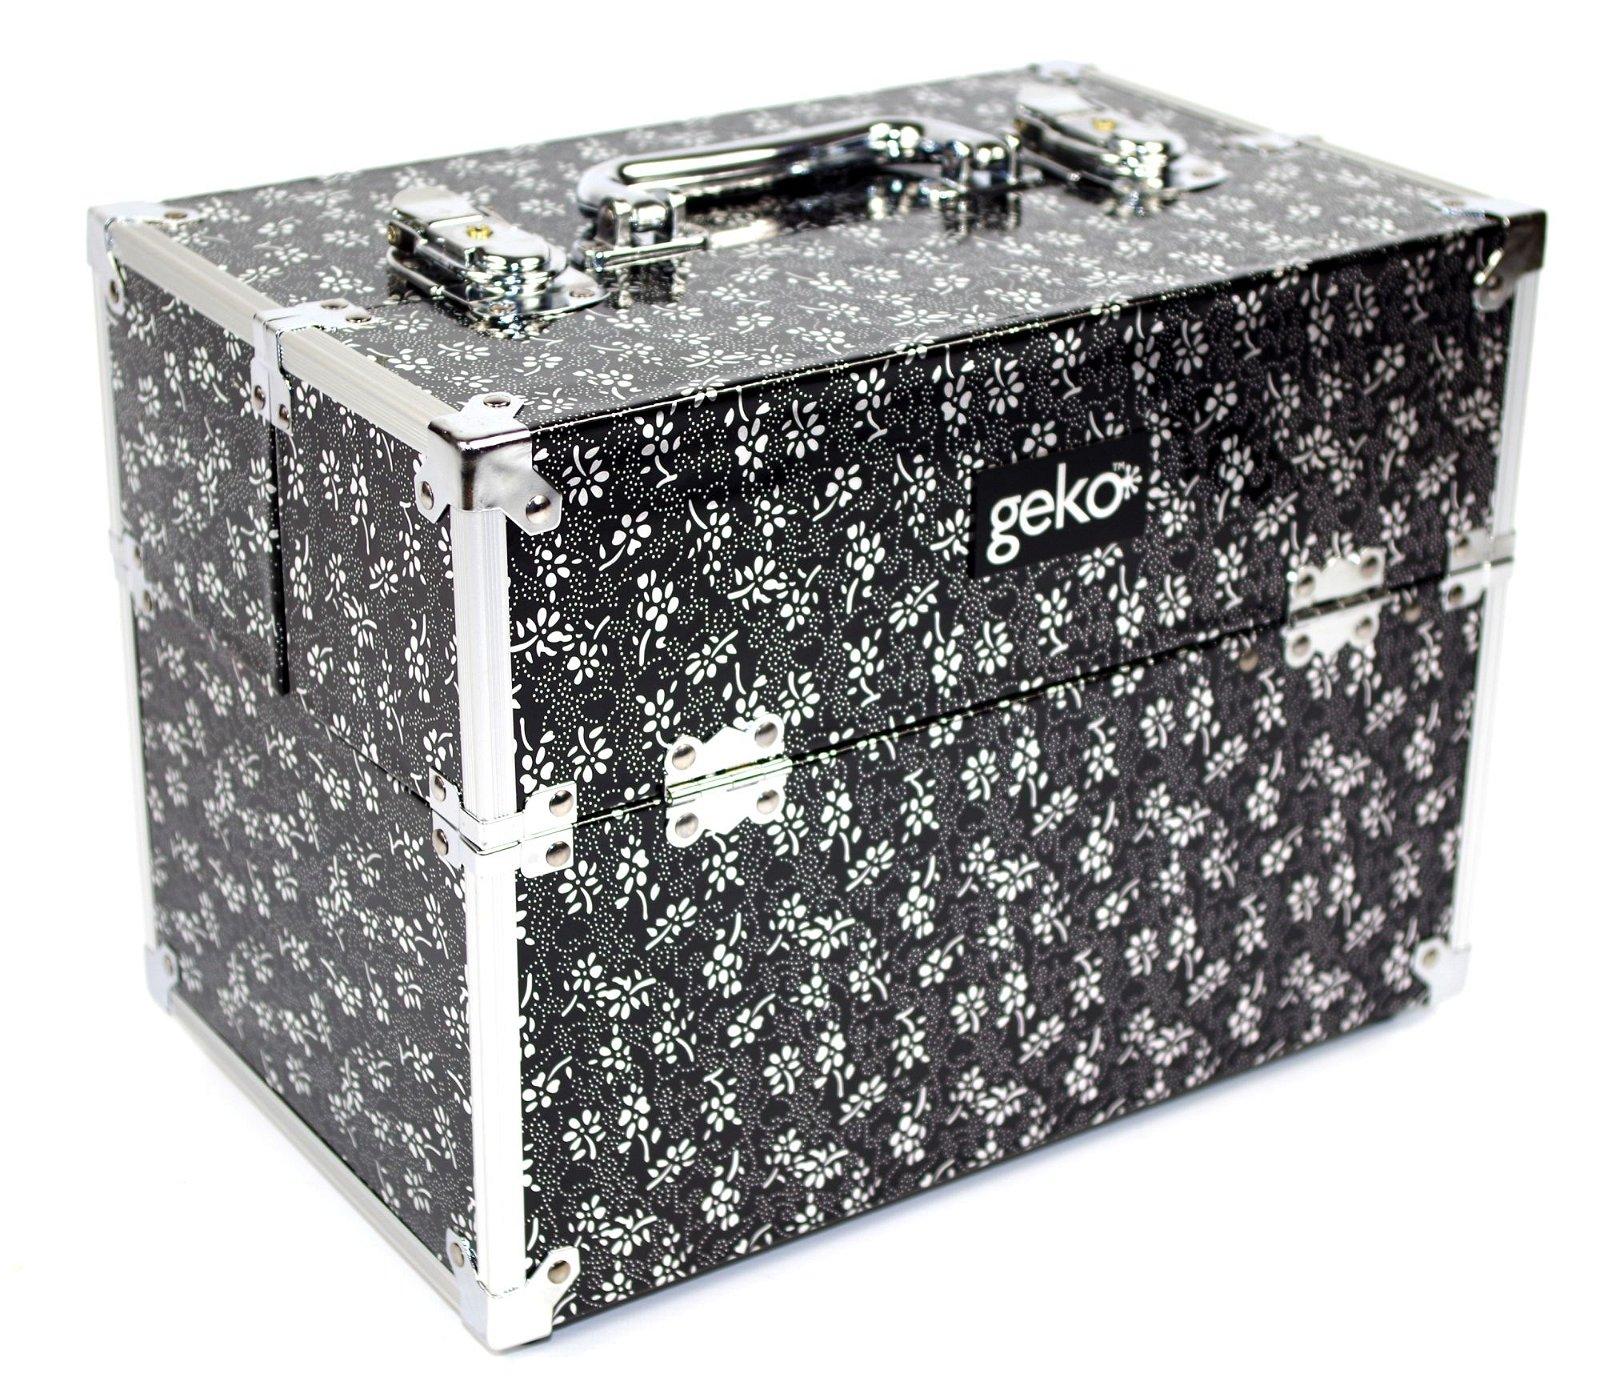 Vanity Case / Makeup Box Silver / Black Flowers